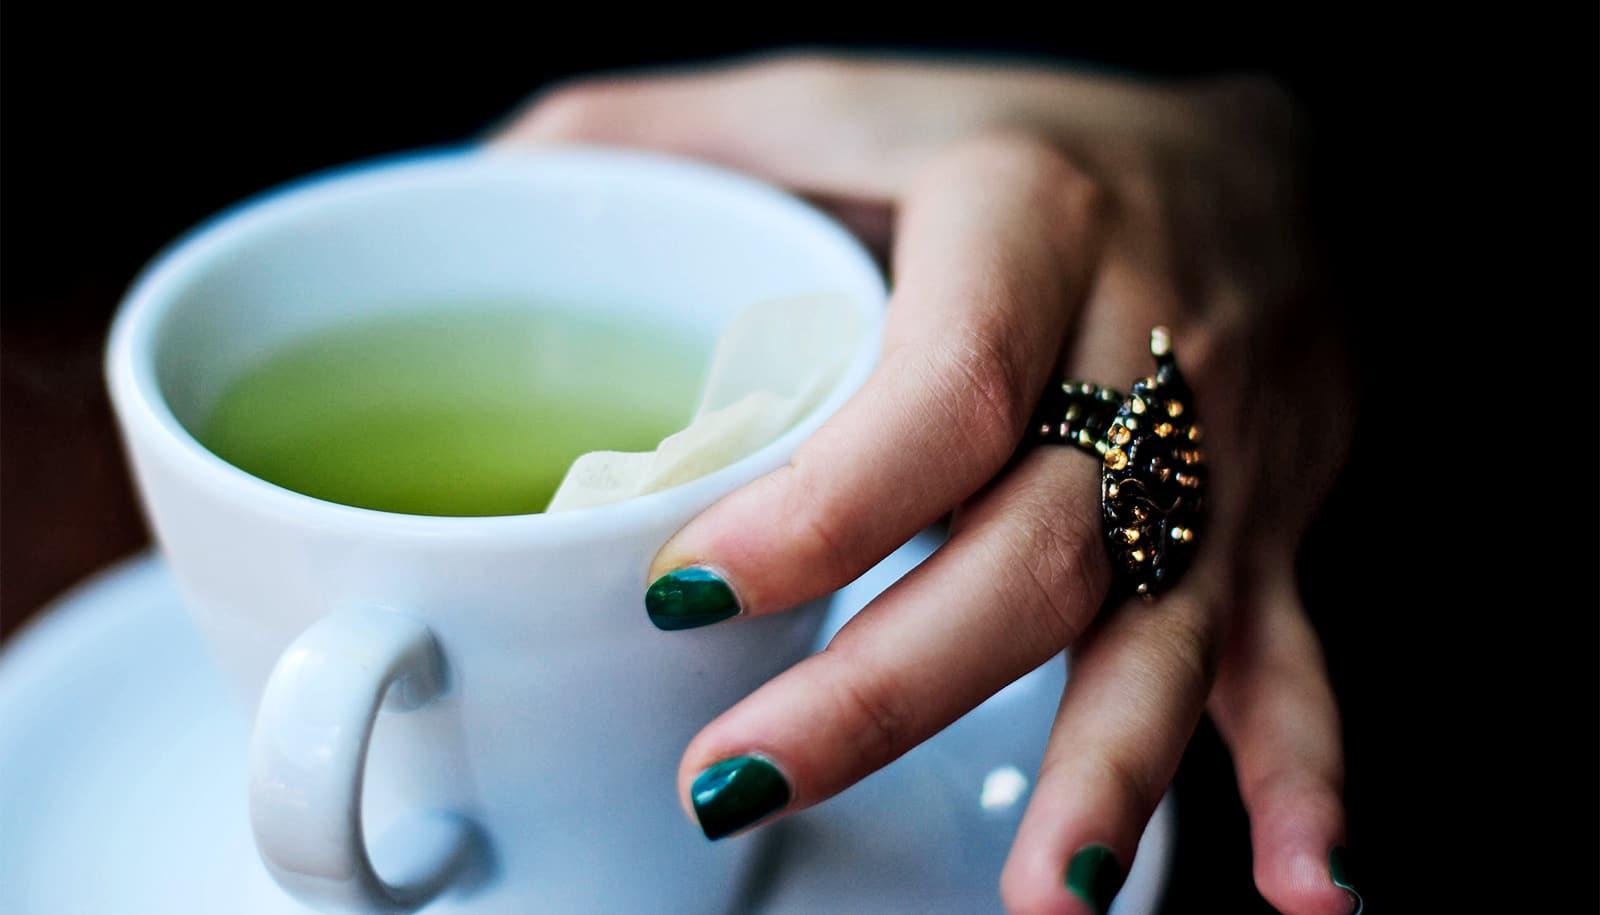 Green tea compound blocks key SARS-CoV-2 enzyme - Futurity